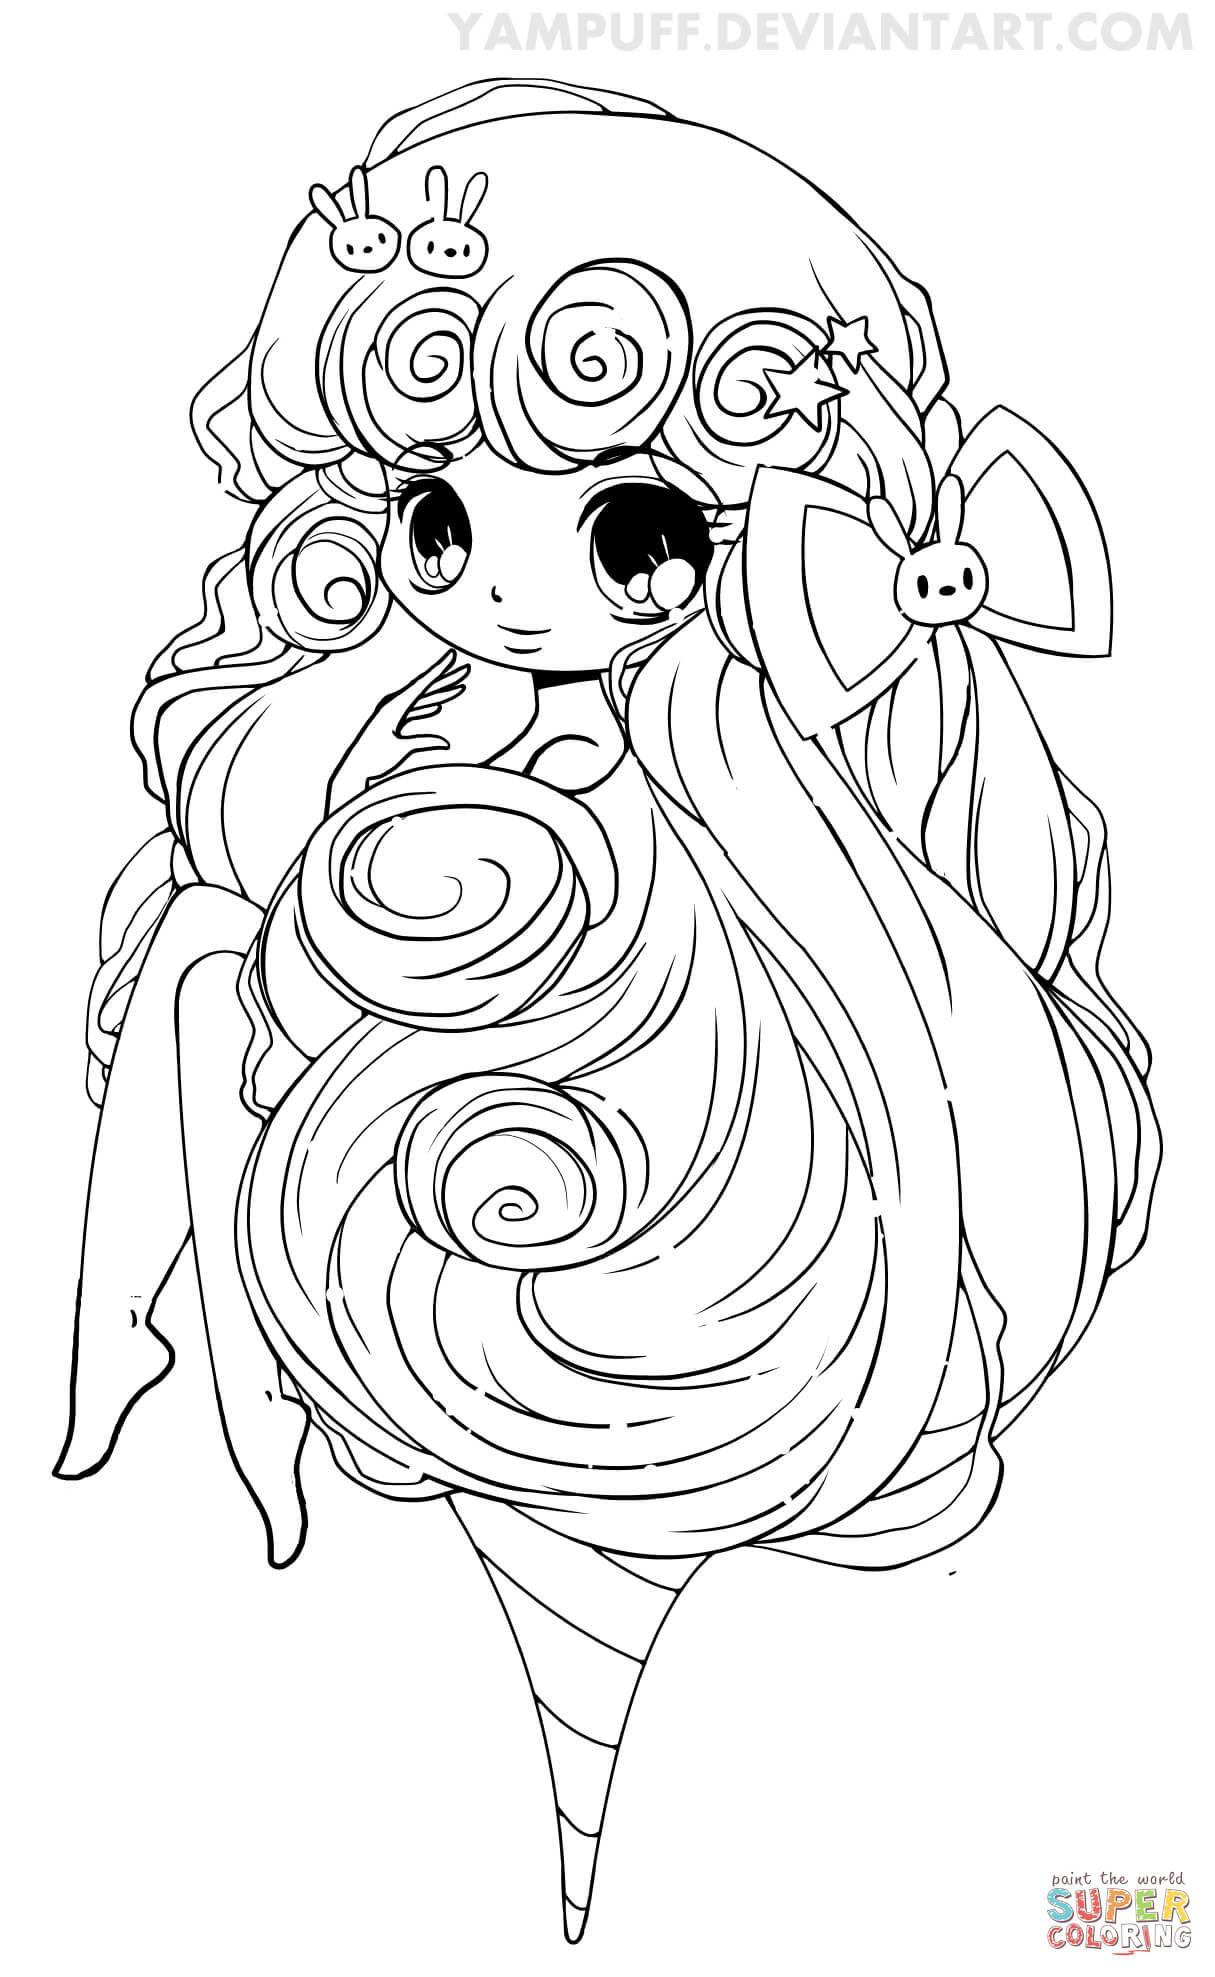 Dibujo De Chica Chibi Con Algodón De Azúcar Para Colorear Dibujos